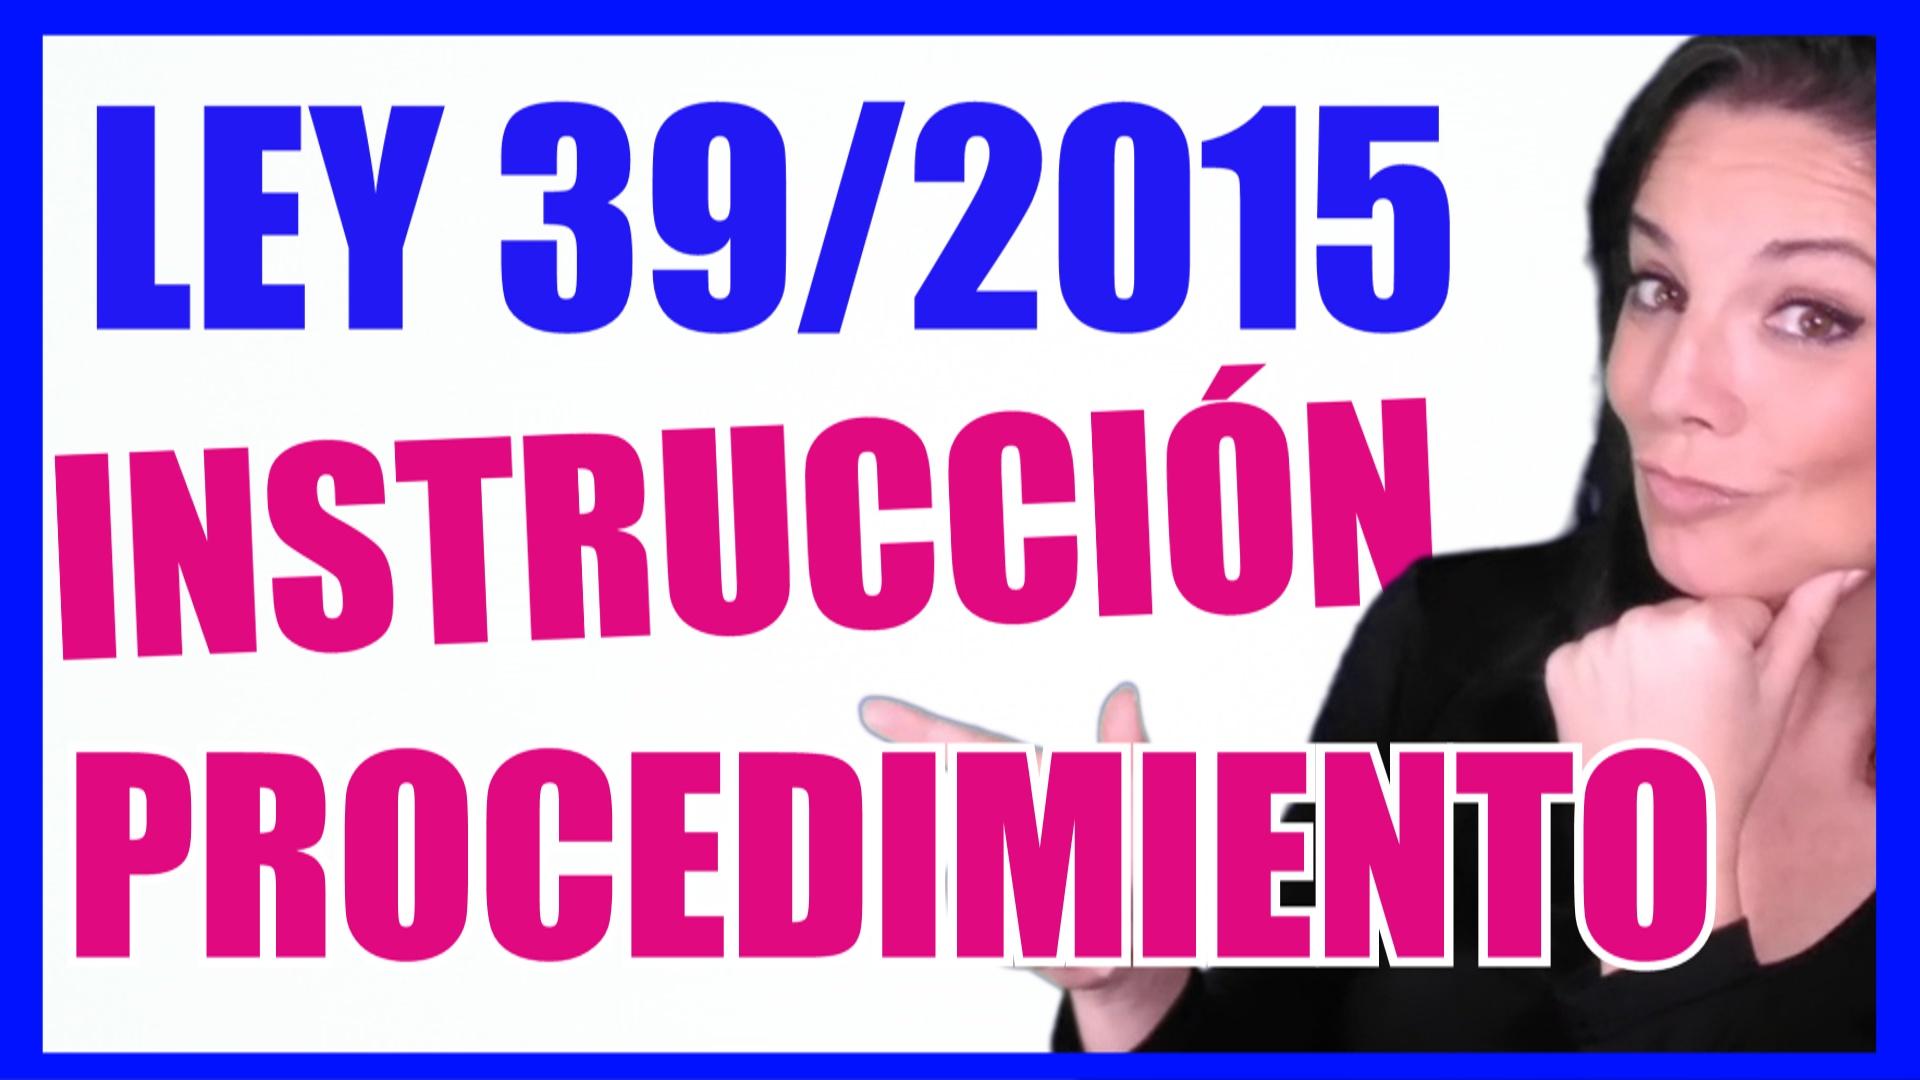 ley 39/2015